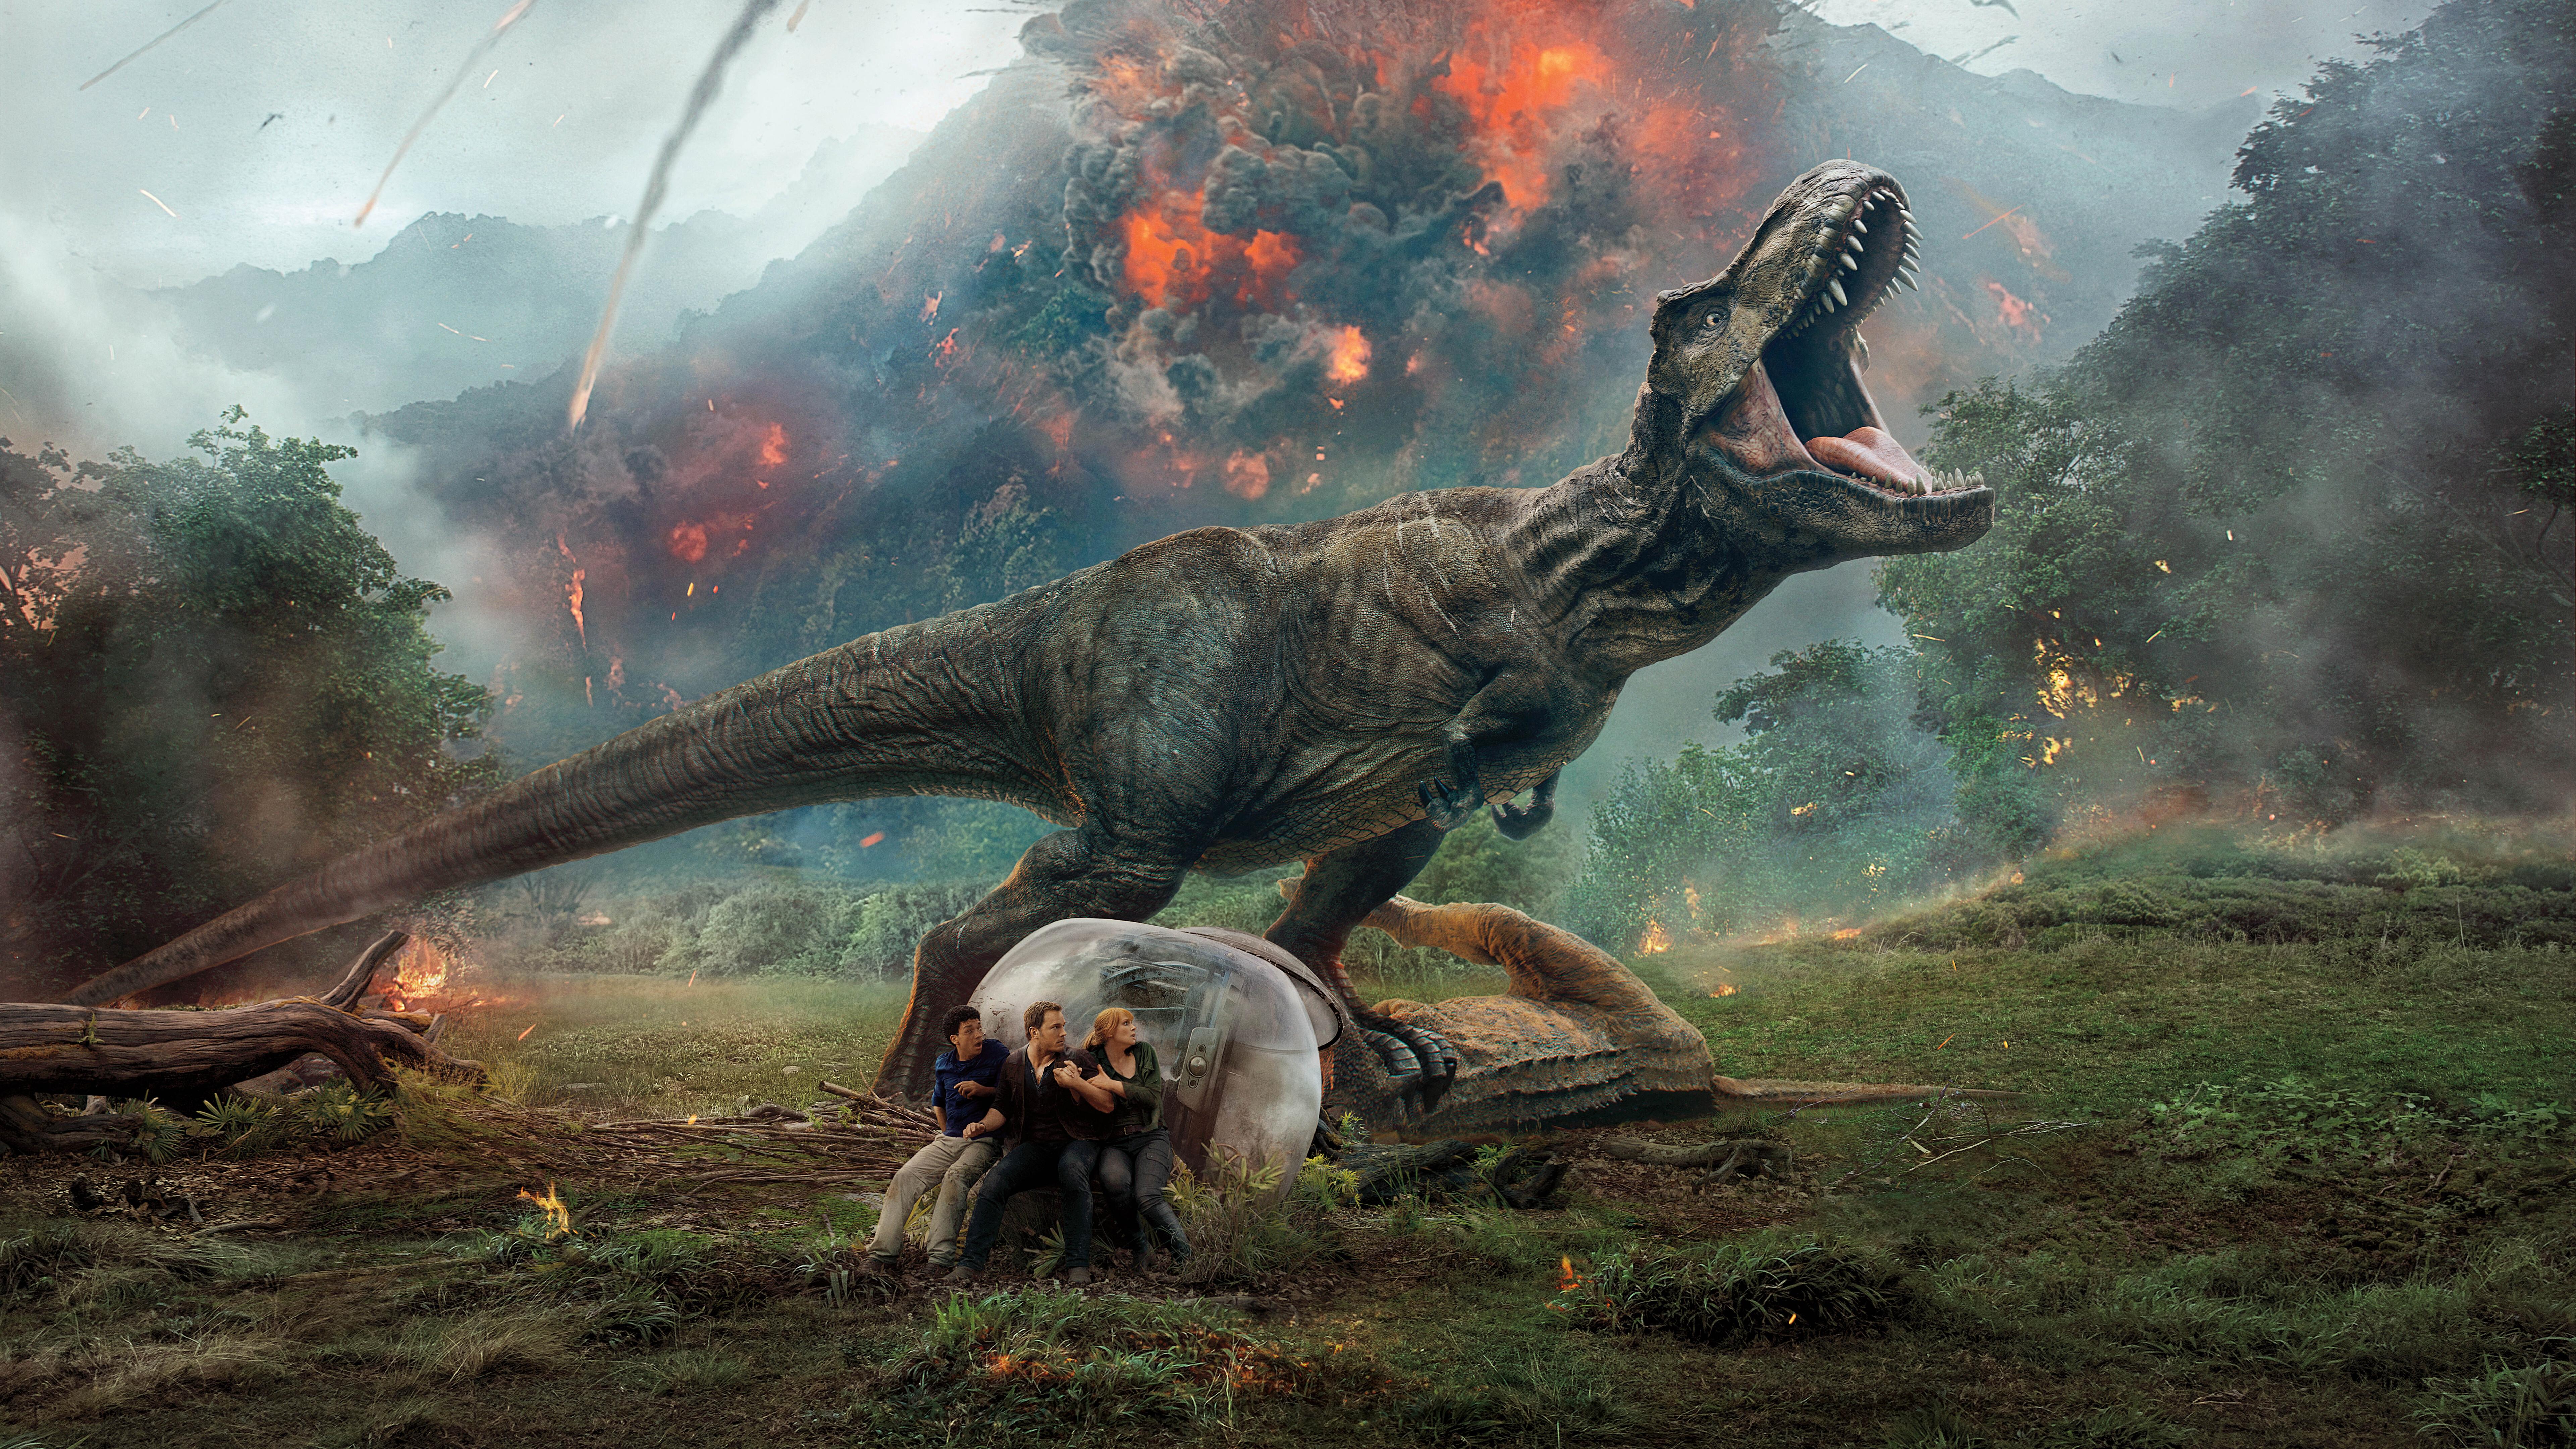 7680x4320 Jurassic World Fallen Kingdom 10k 8k Hd 4k